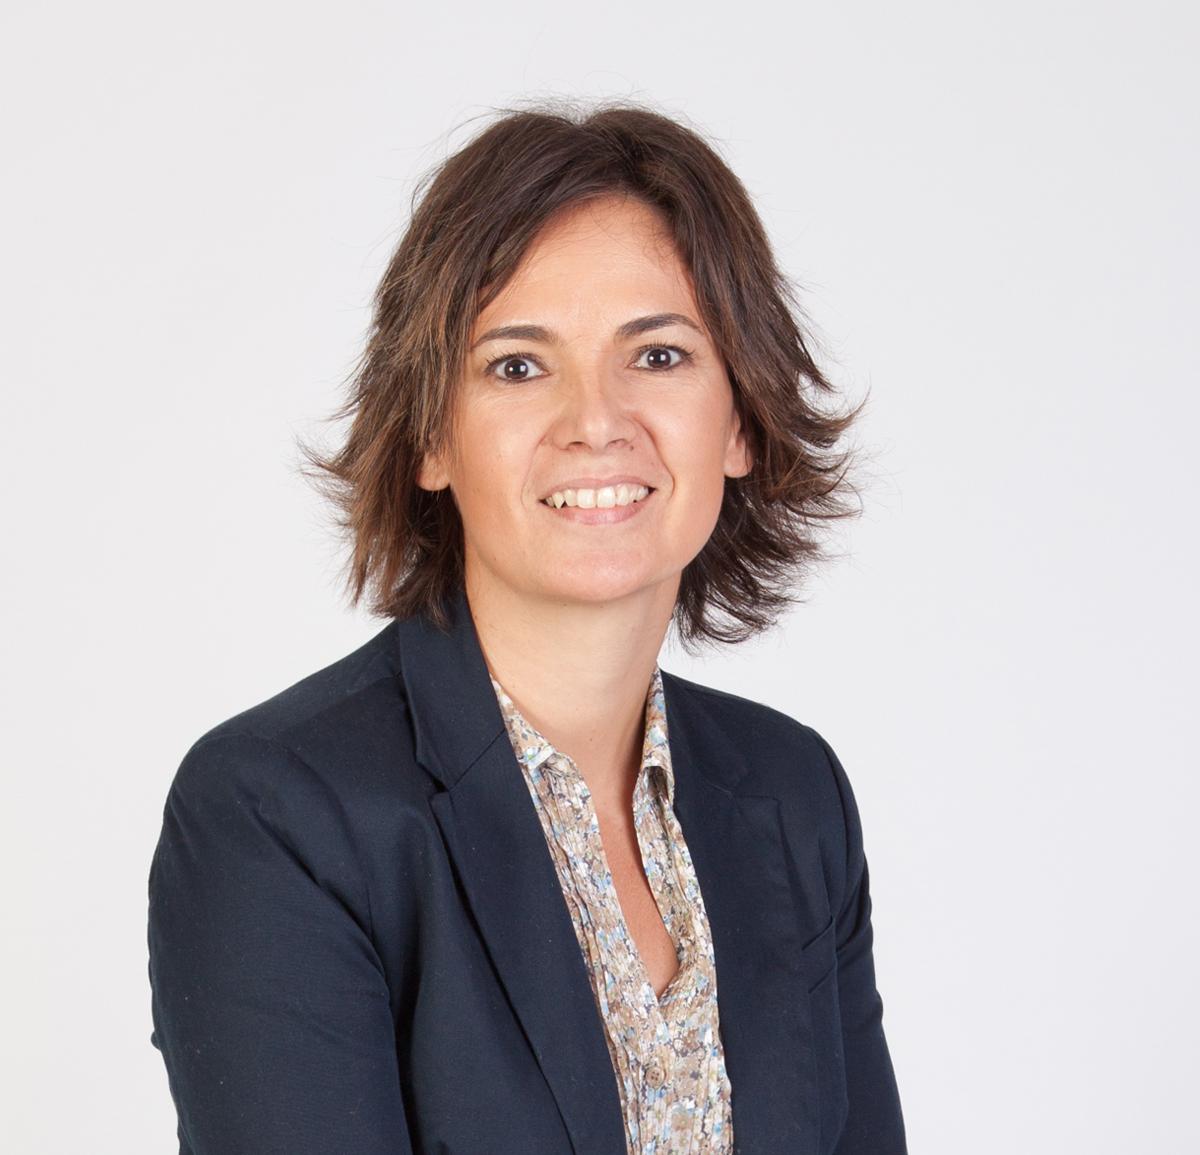 Inés Albistur